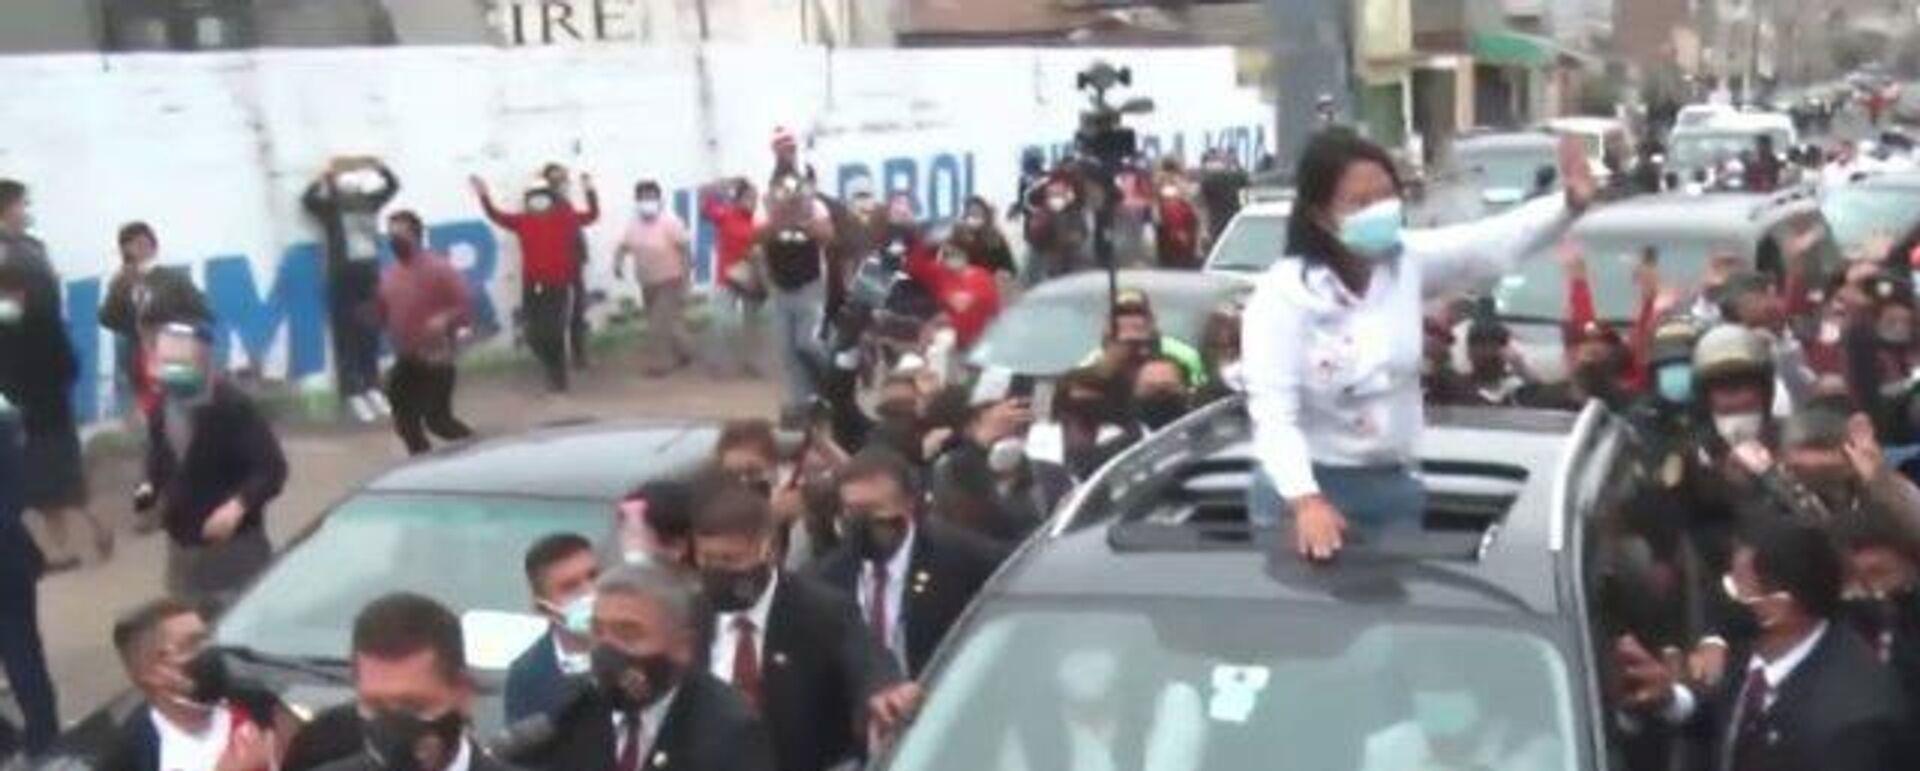 Así fueron recibidos los candidatos presidenciales en Perú en el centro de votación - Sputnik Mundo, 1920, 07.06.2021